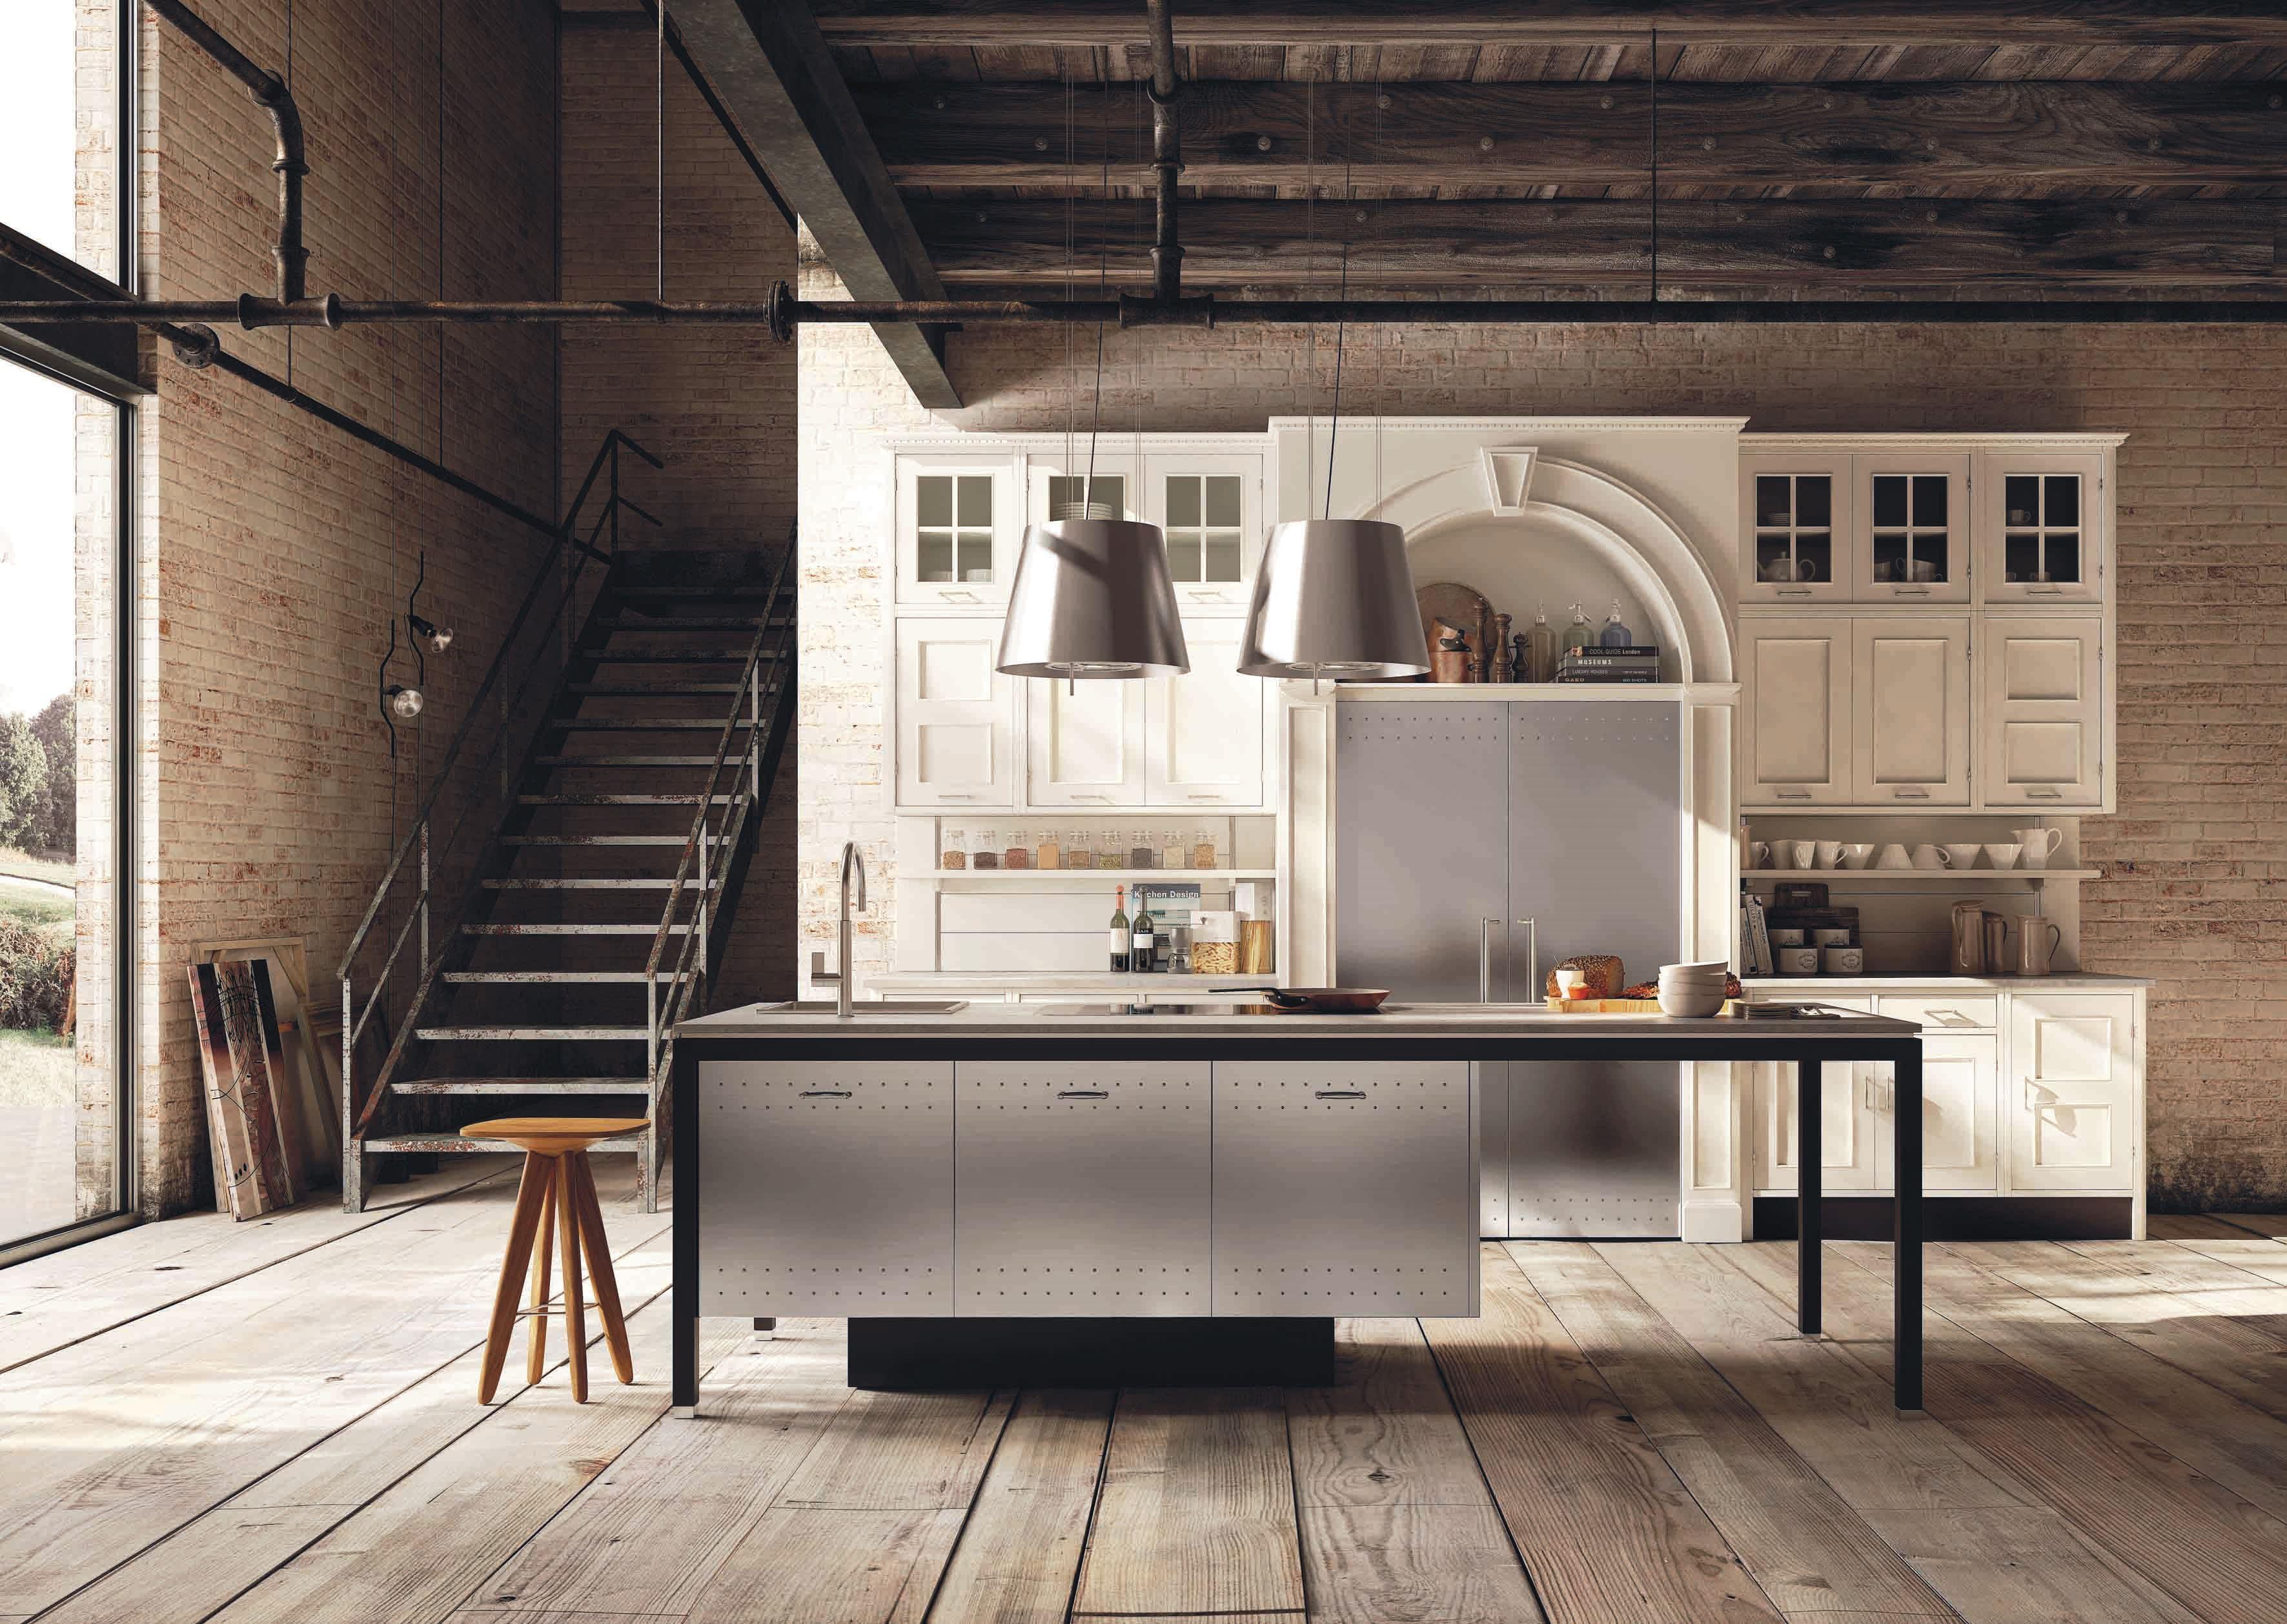 I 40 anni di marchi cucine buongiorno online - Marche cucine economiche ...